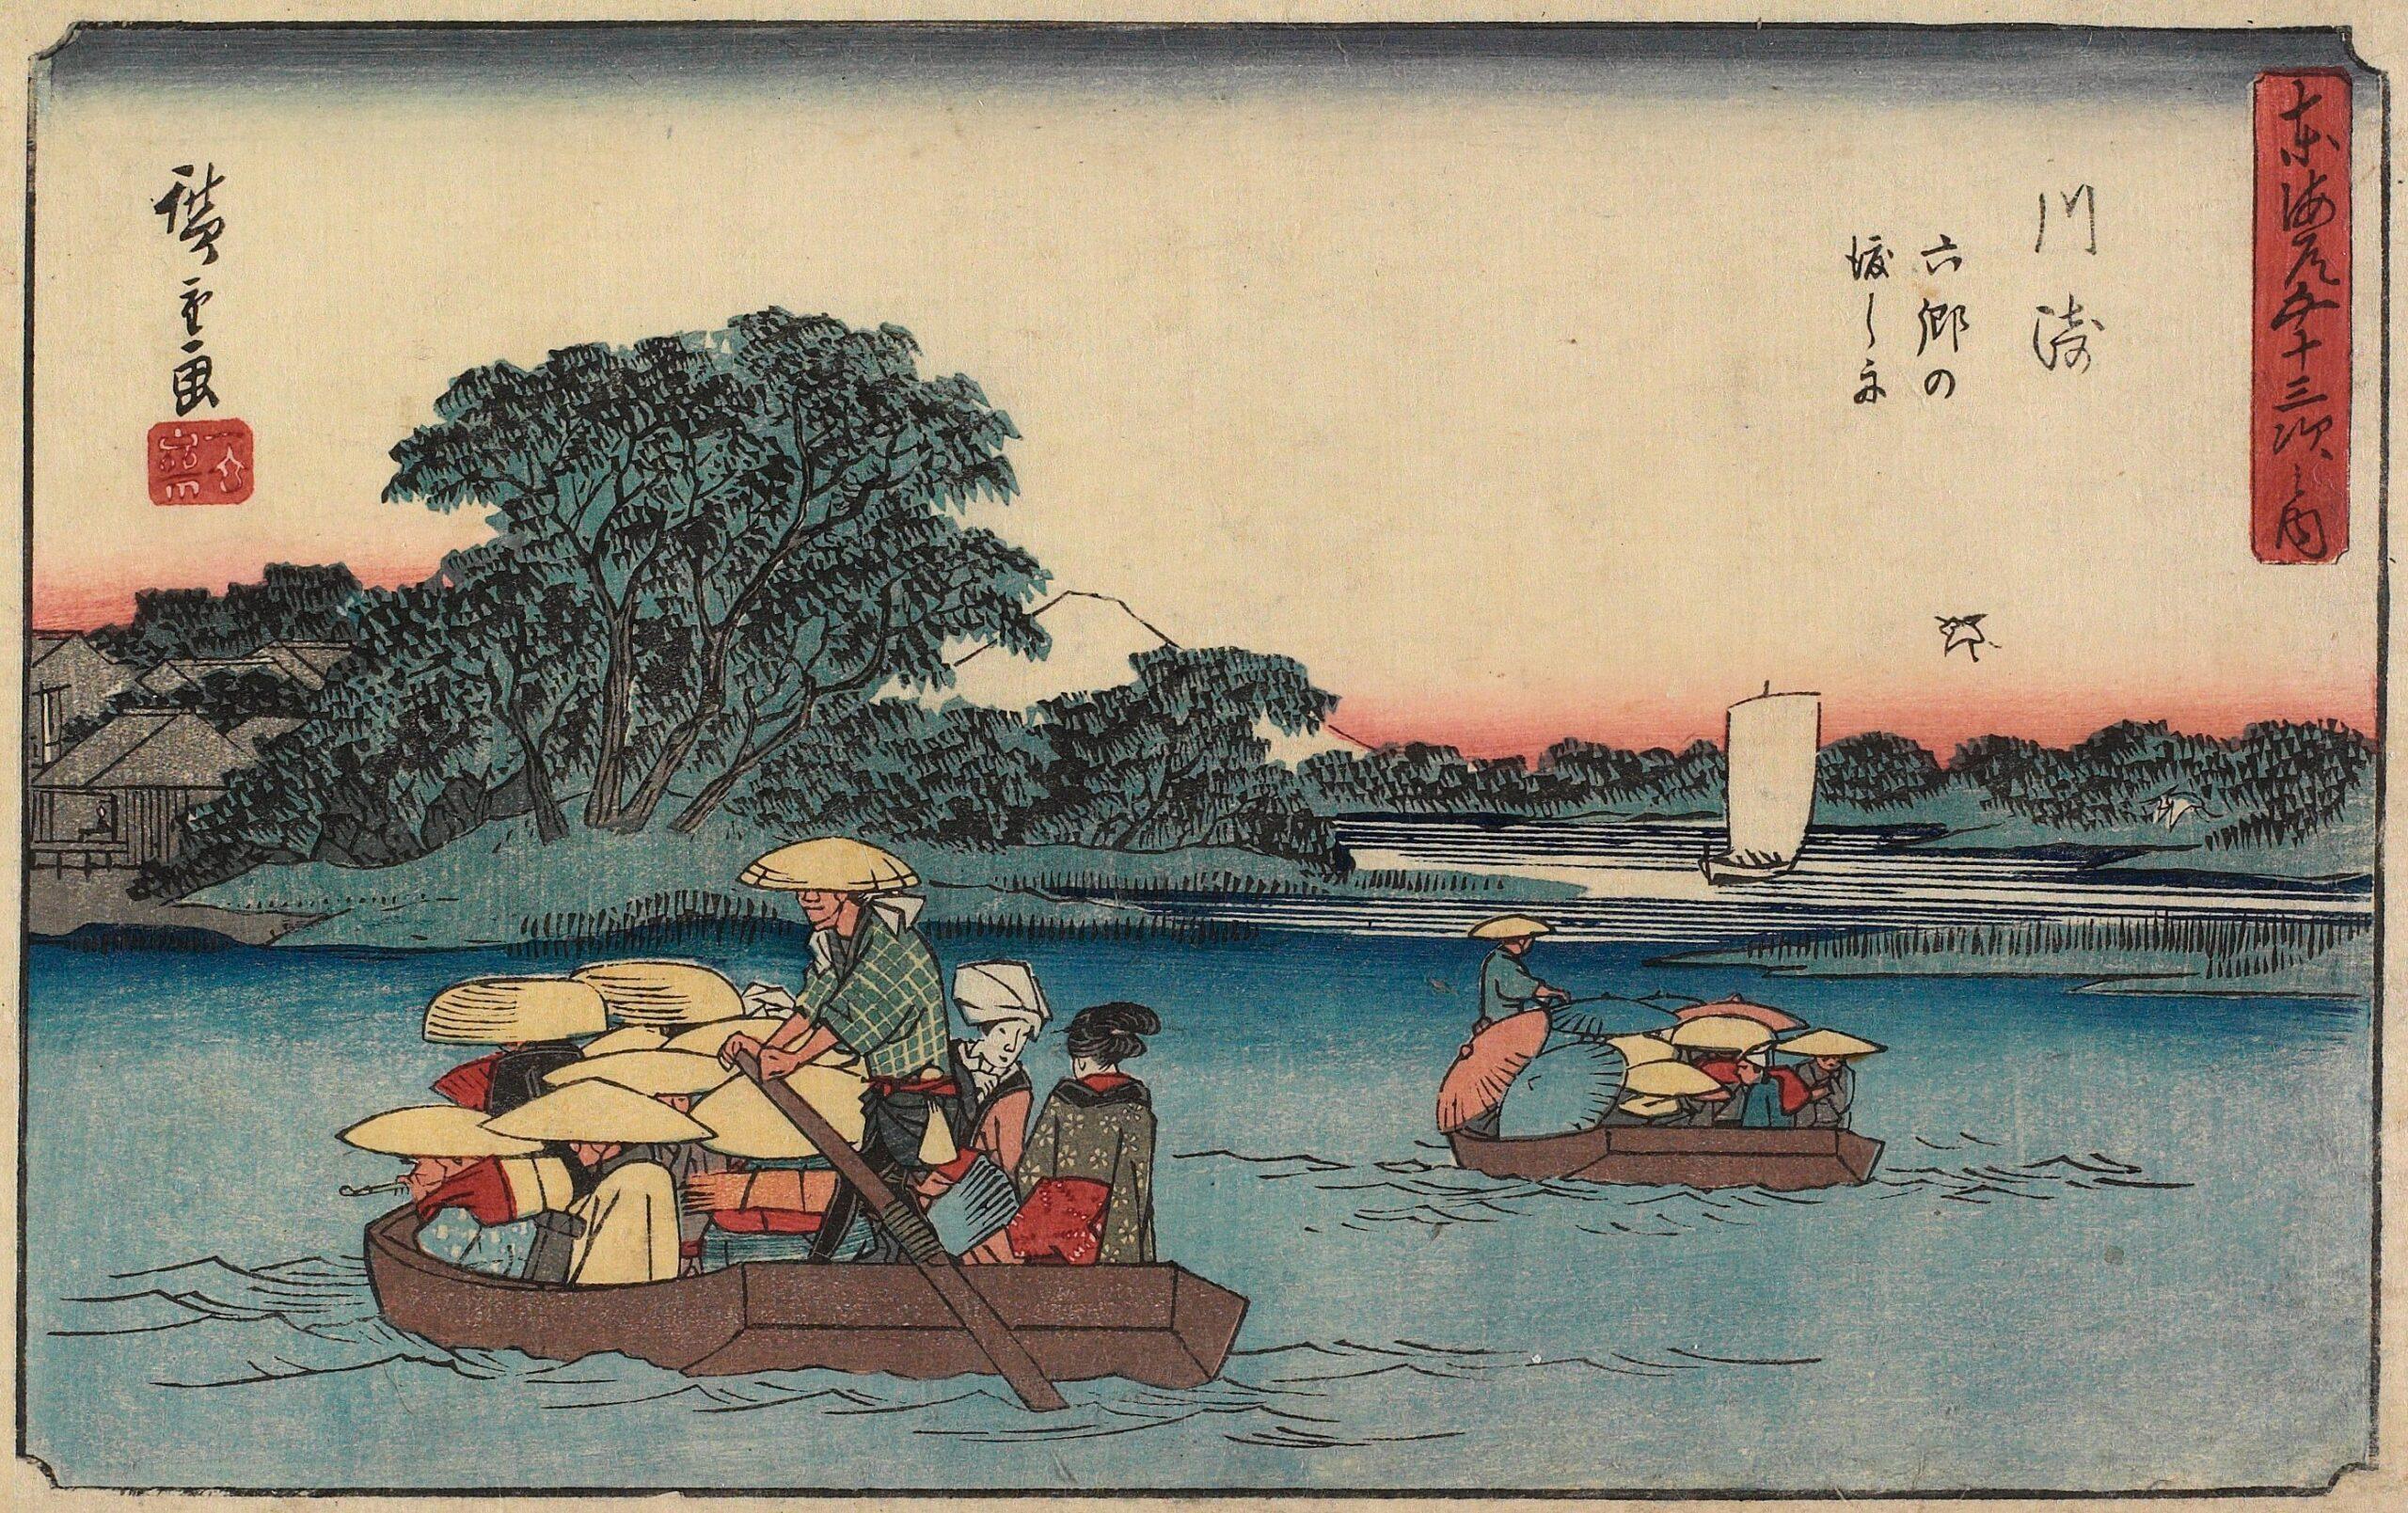 Holzschnitt zweier Bote auf einem Fluss